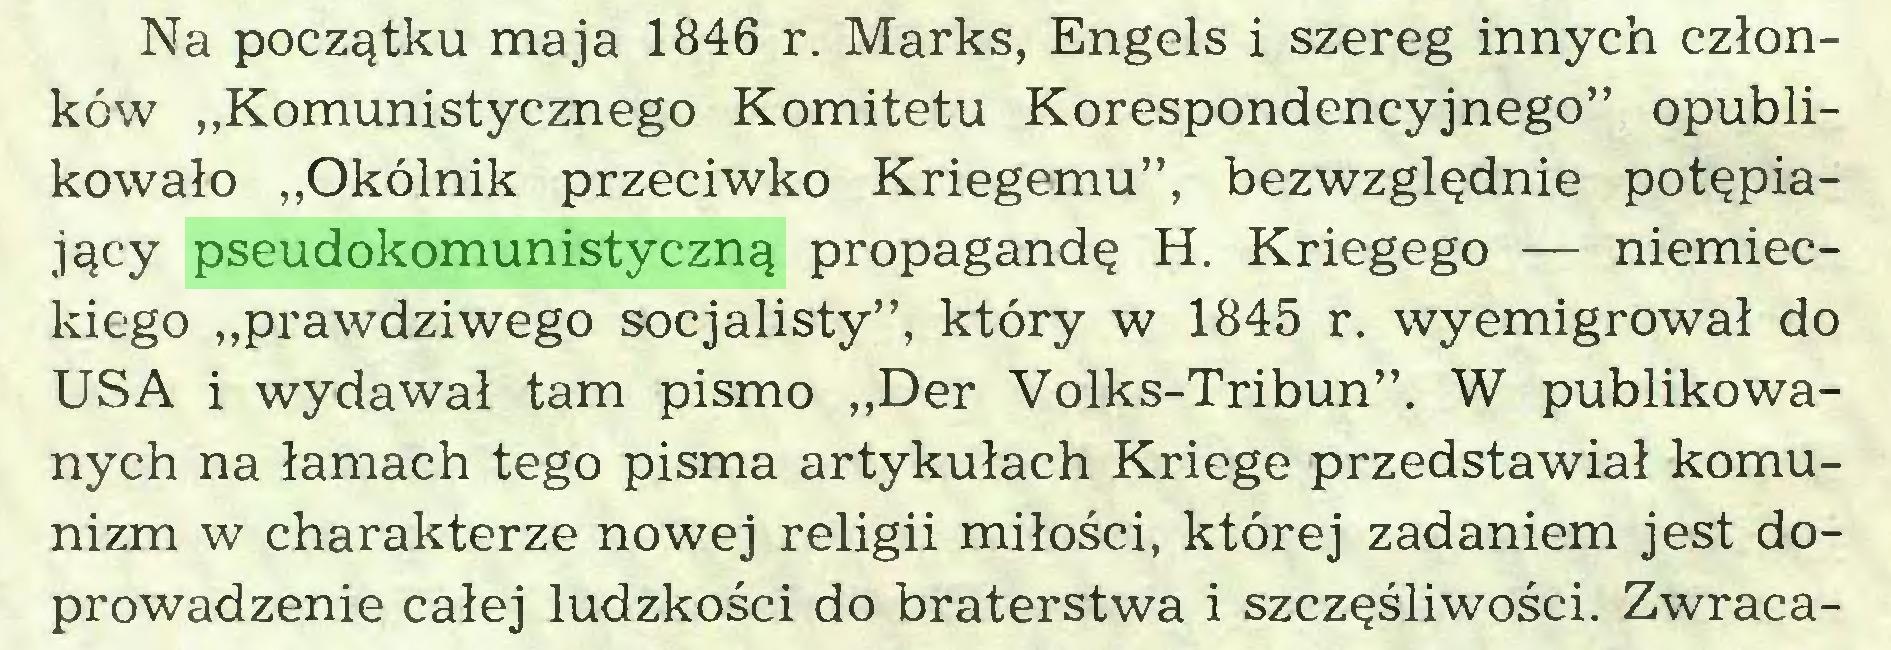 """(...) Na początku maja 1846 r. Marks, Engels i szereg innych członków """"Komunistycznego Komitetu Korespondencyjnego"""" opublikowało """"Okólnik przeciwko Kriegemu"""", bezwzględnie potępiający pseudokomunistyczną propagandę H. Kriegego — niemieckiego """"prawdziwego socjalisty"""", który w 1845 r. wyemigrował do USA i wydawał tam pismo """"Der Volks-Tribun"""". W publikowanych na łamach tego pisma artykułach Kriege przedstawiał komunizm w charakterze nowej religii miłości, której zadaniem jest doprowadzenie całej ludzkości do braterstwa i szczęśliwości. Zwraca..."""